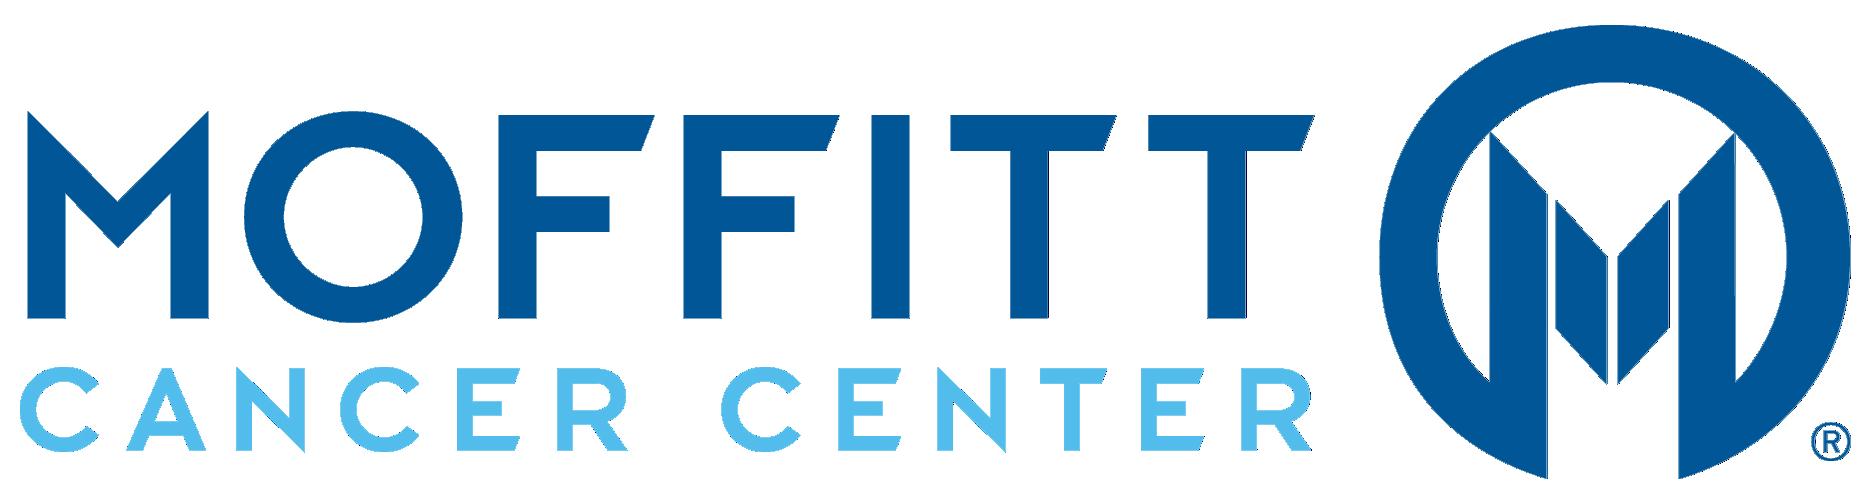 Moffitt Cancer Center